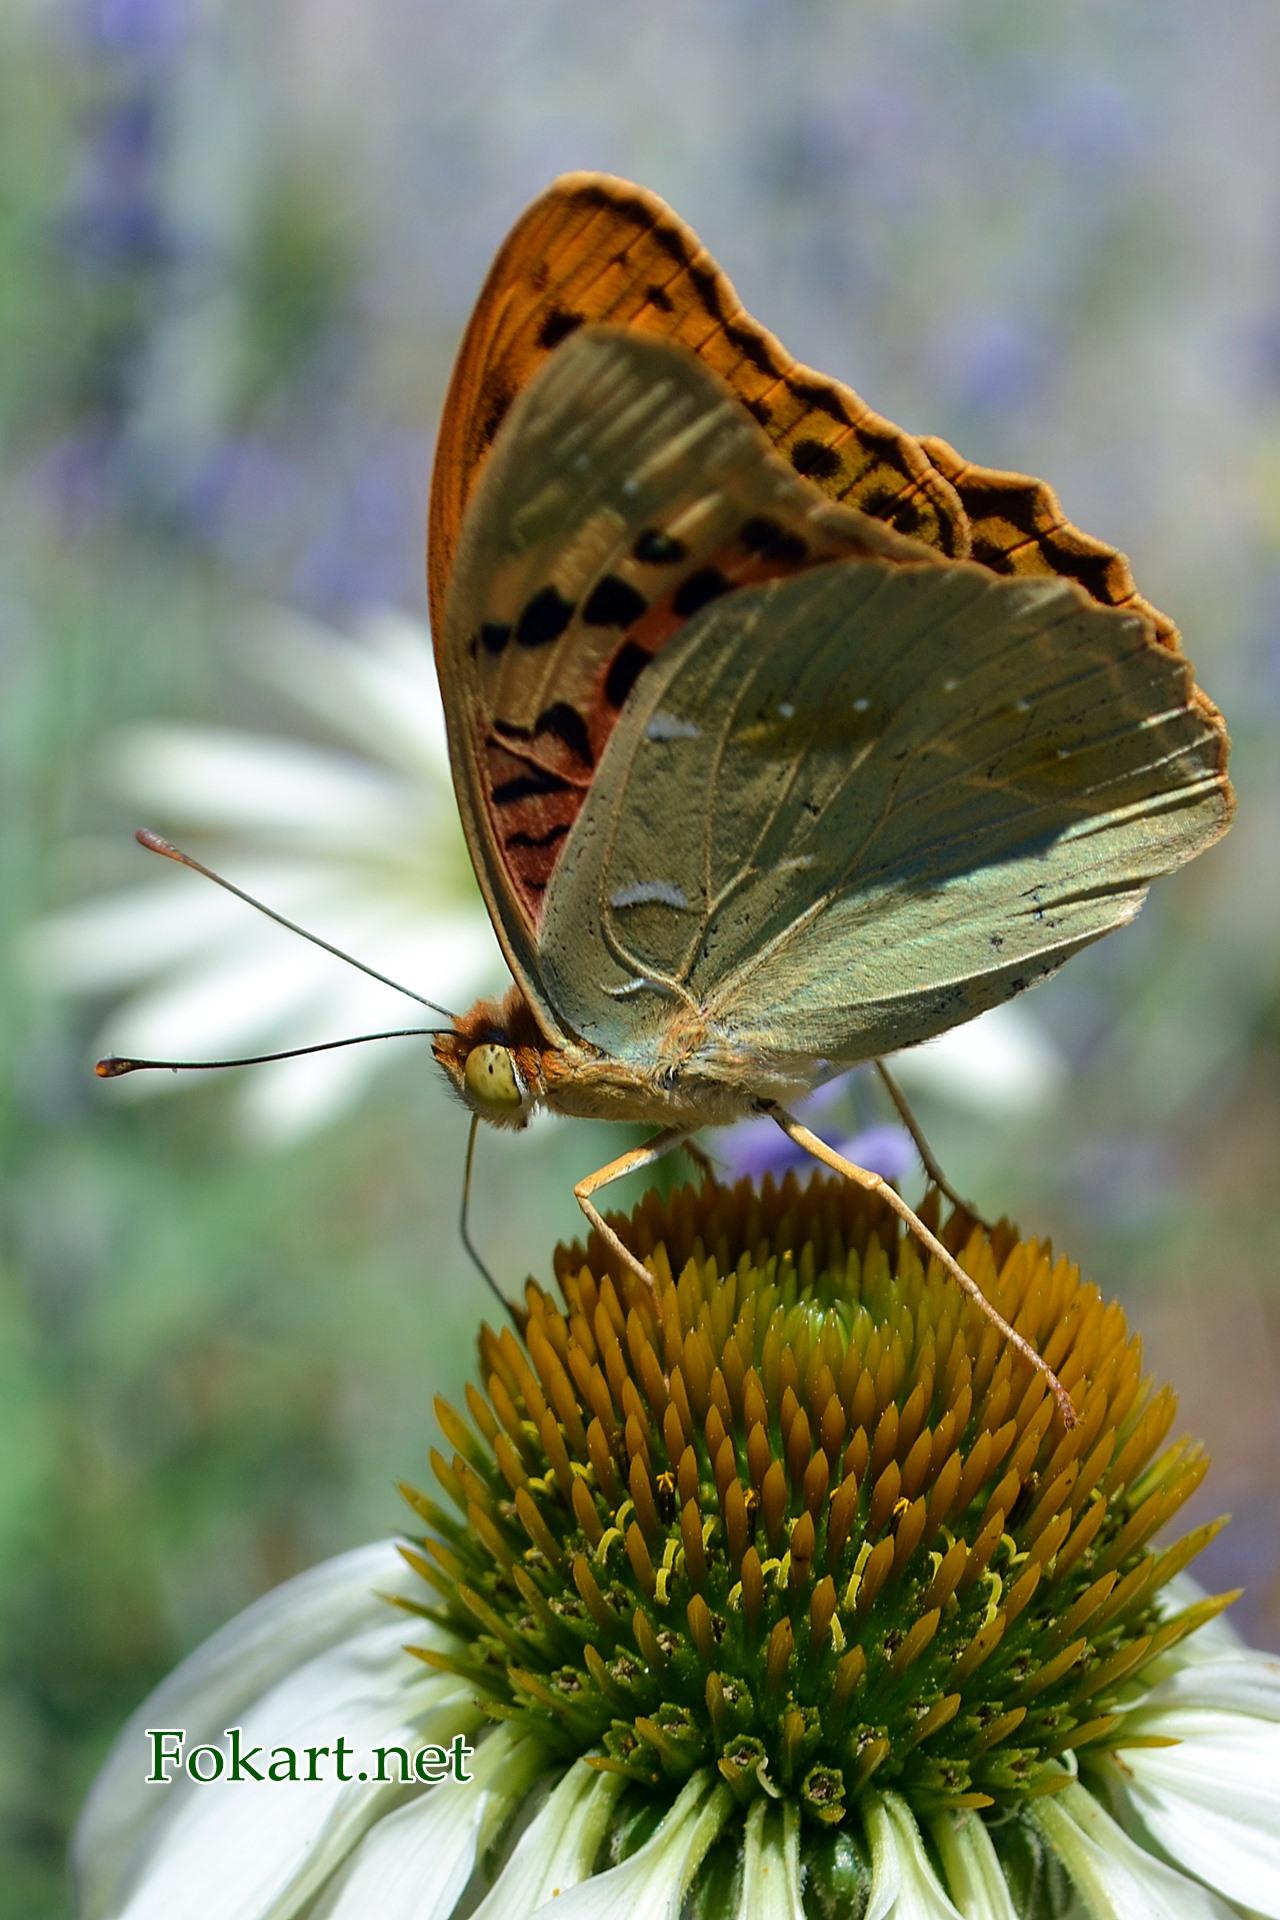 Перламутровка большая со сложенными крылышками на цветке эхиноцеи белой